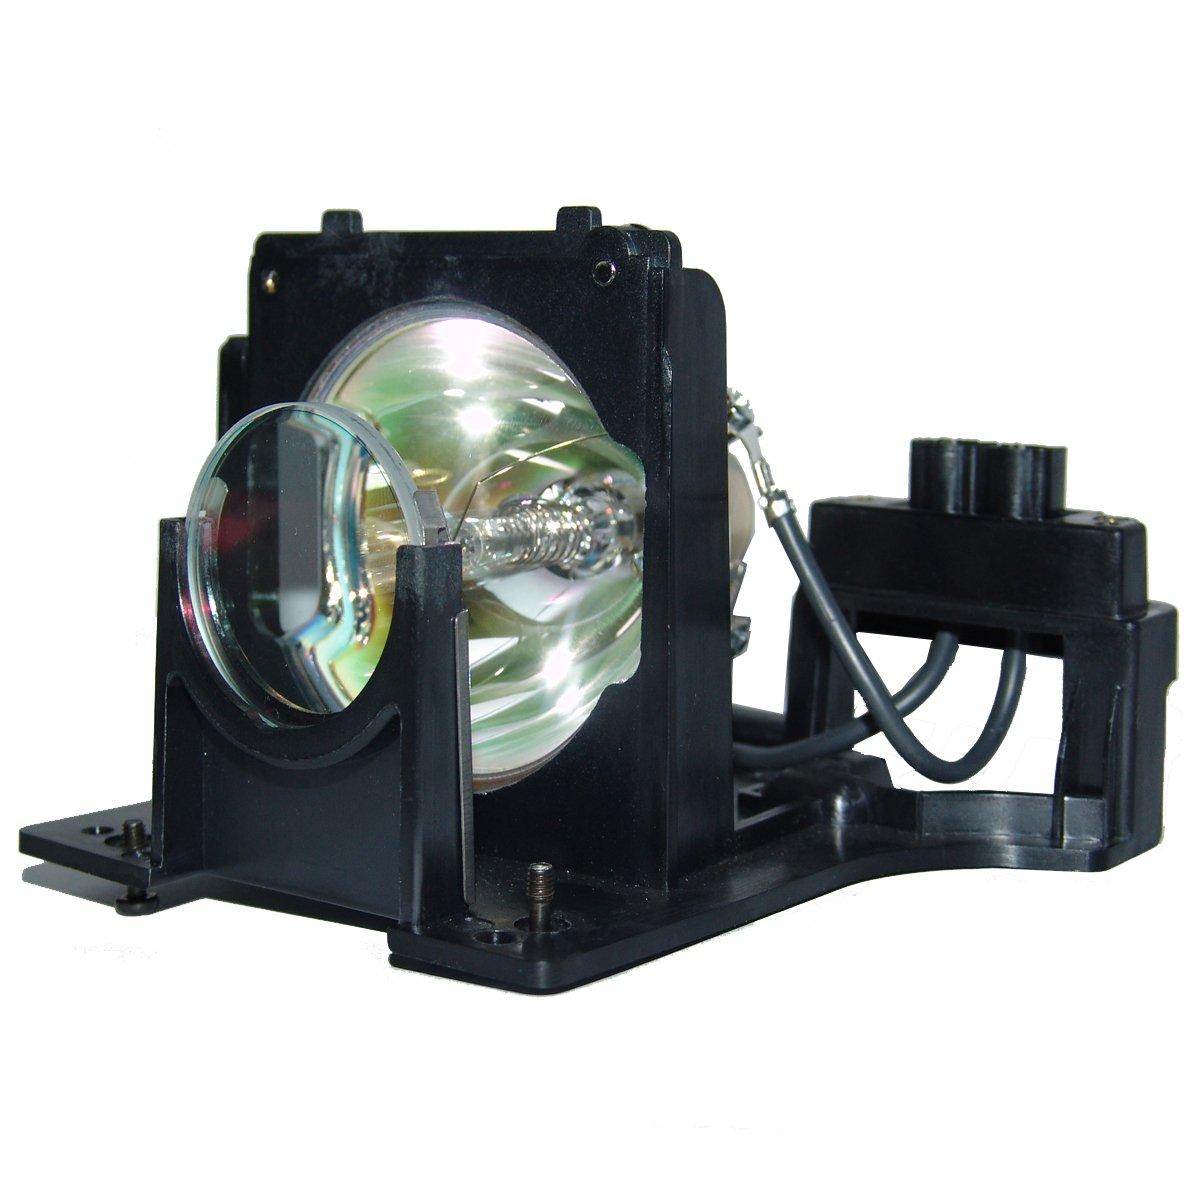 AuraBeamプロフェッショナル交換用プロジェクターランプ ボックスライト用 SE17SF-930 ハウジング付き (フィリップス製) B0141YG9T6